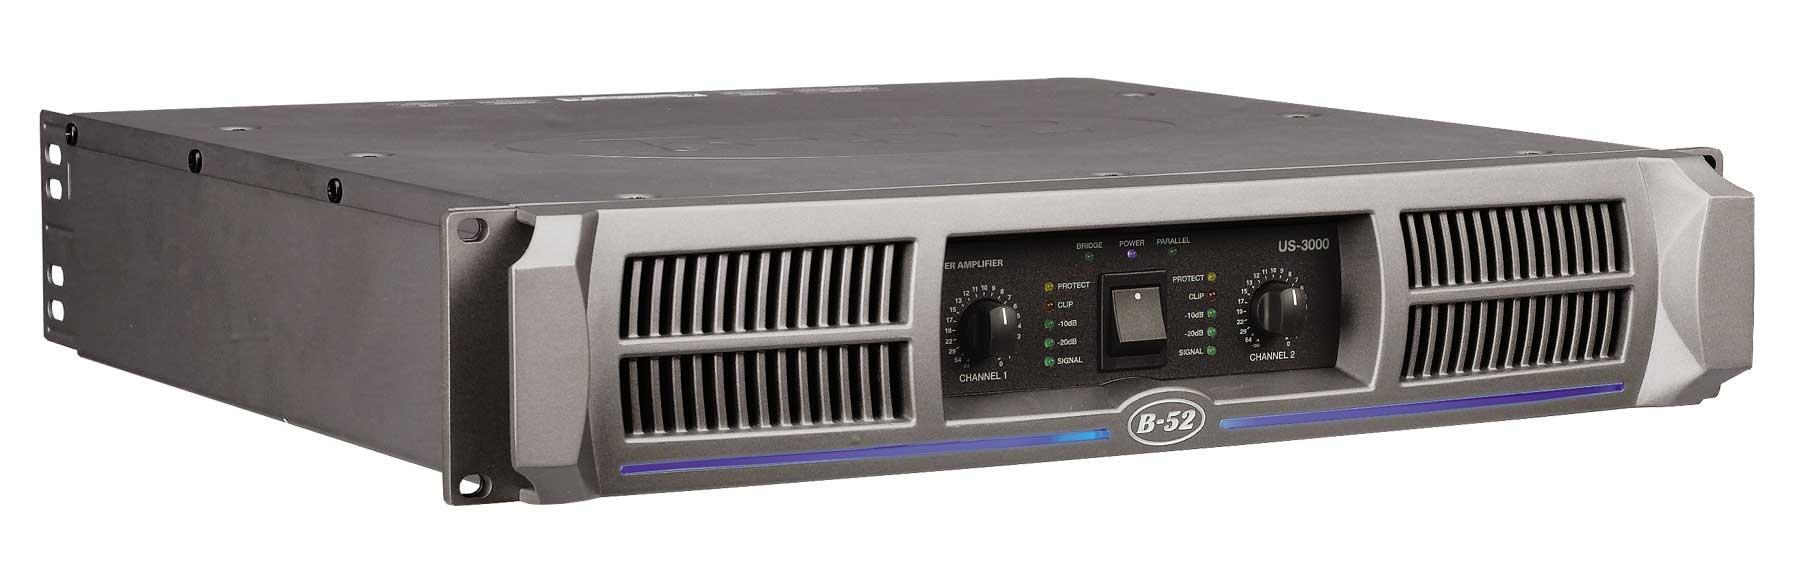 Công suất B52 US-3000